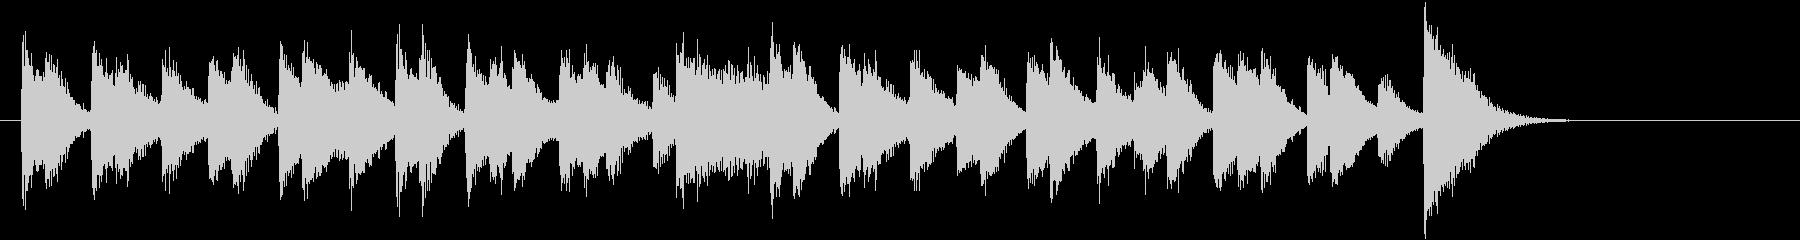 ラテンリズムの軽やか可愛いピアノジングルの未再生の波形